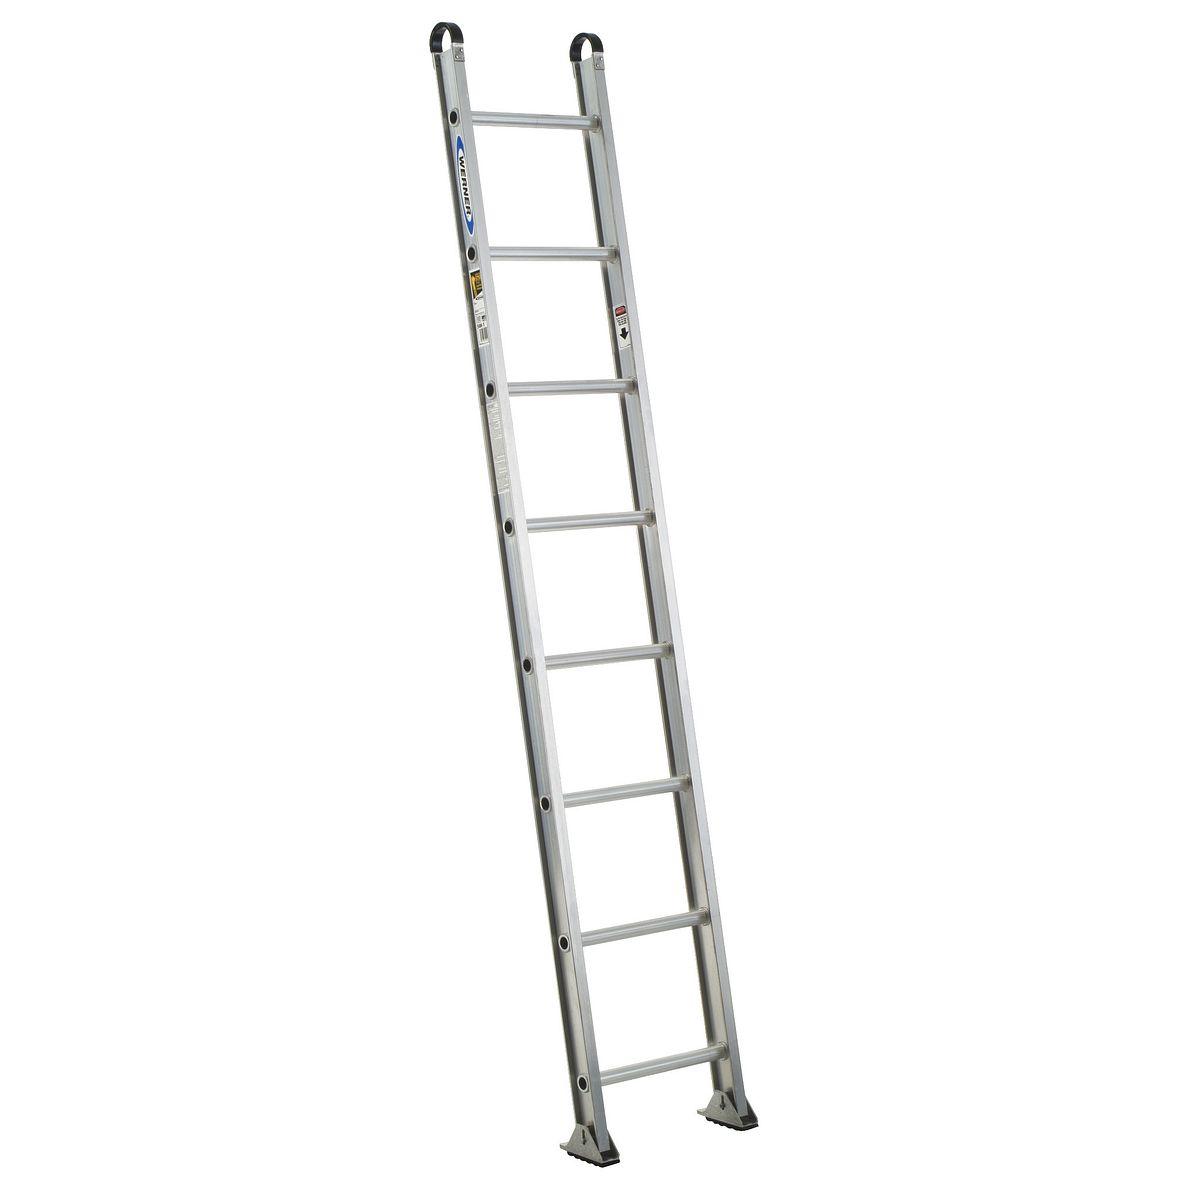 Echelle Bibliotheque Sur Rail 508-1 | extension ladders | werner us